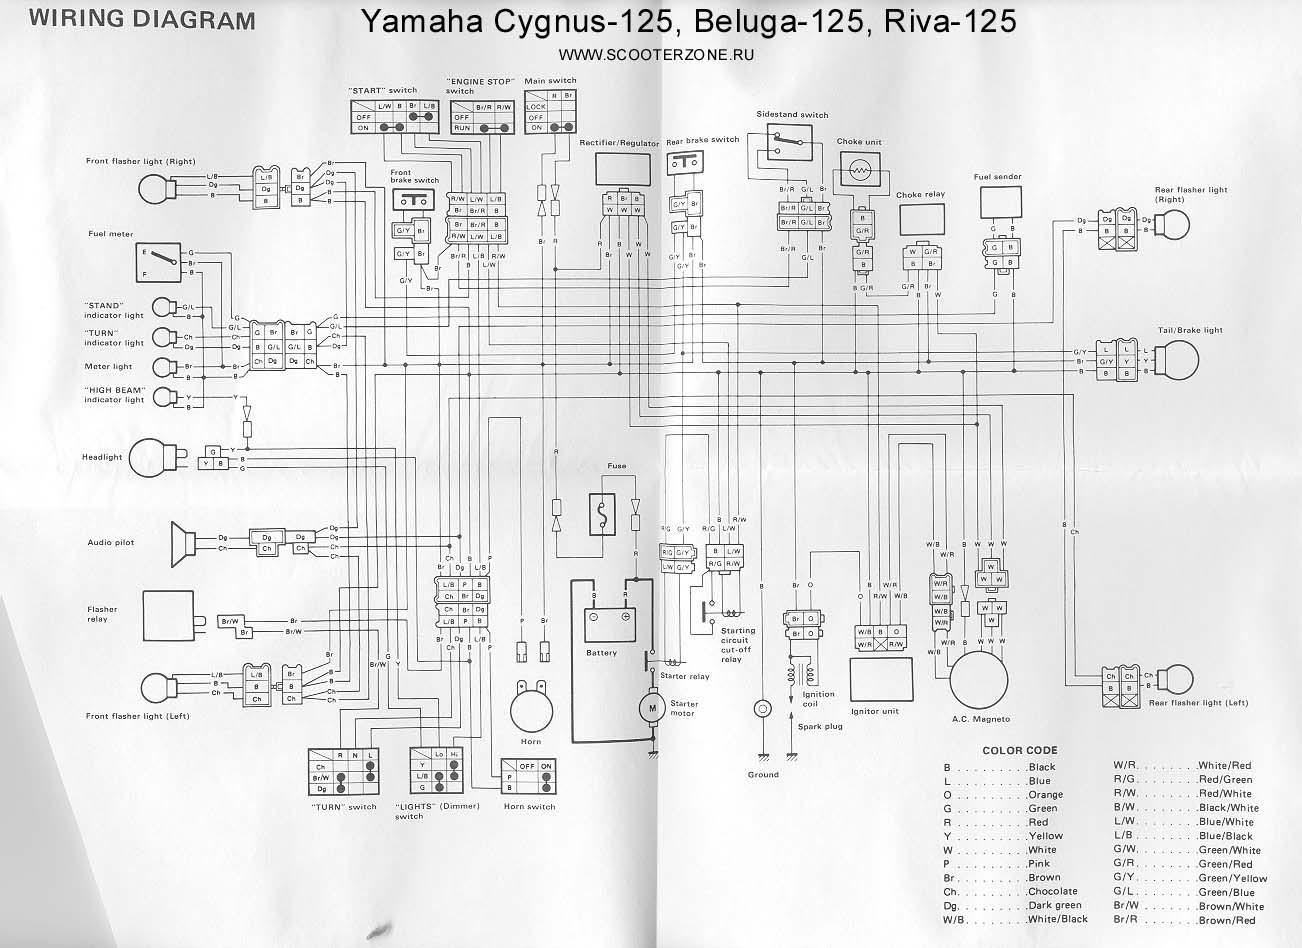 Wiring Diagram Yamaha Jog R : Электрическая схема Ямаха cygnus Схемы скутеров и